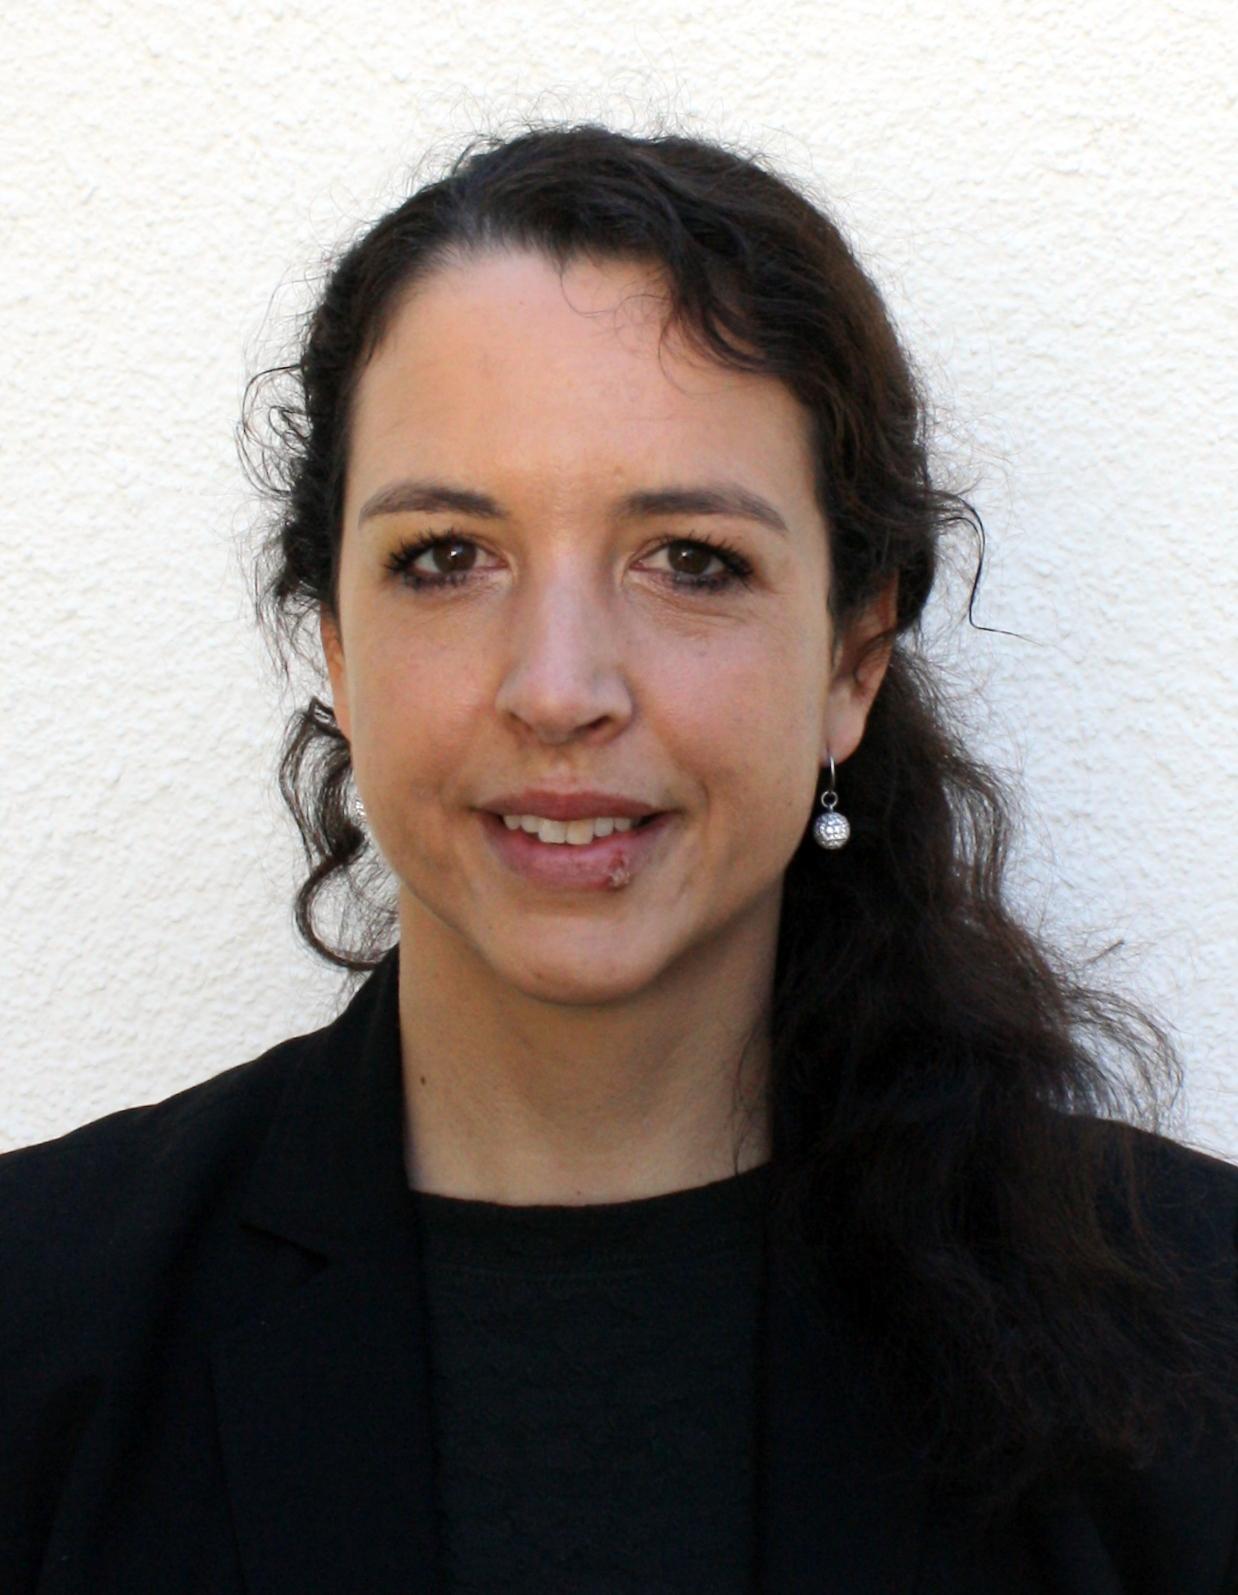 Manuela Reuss